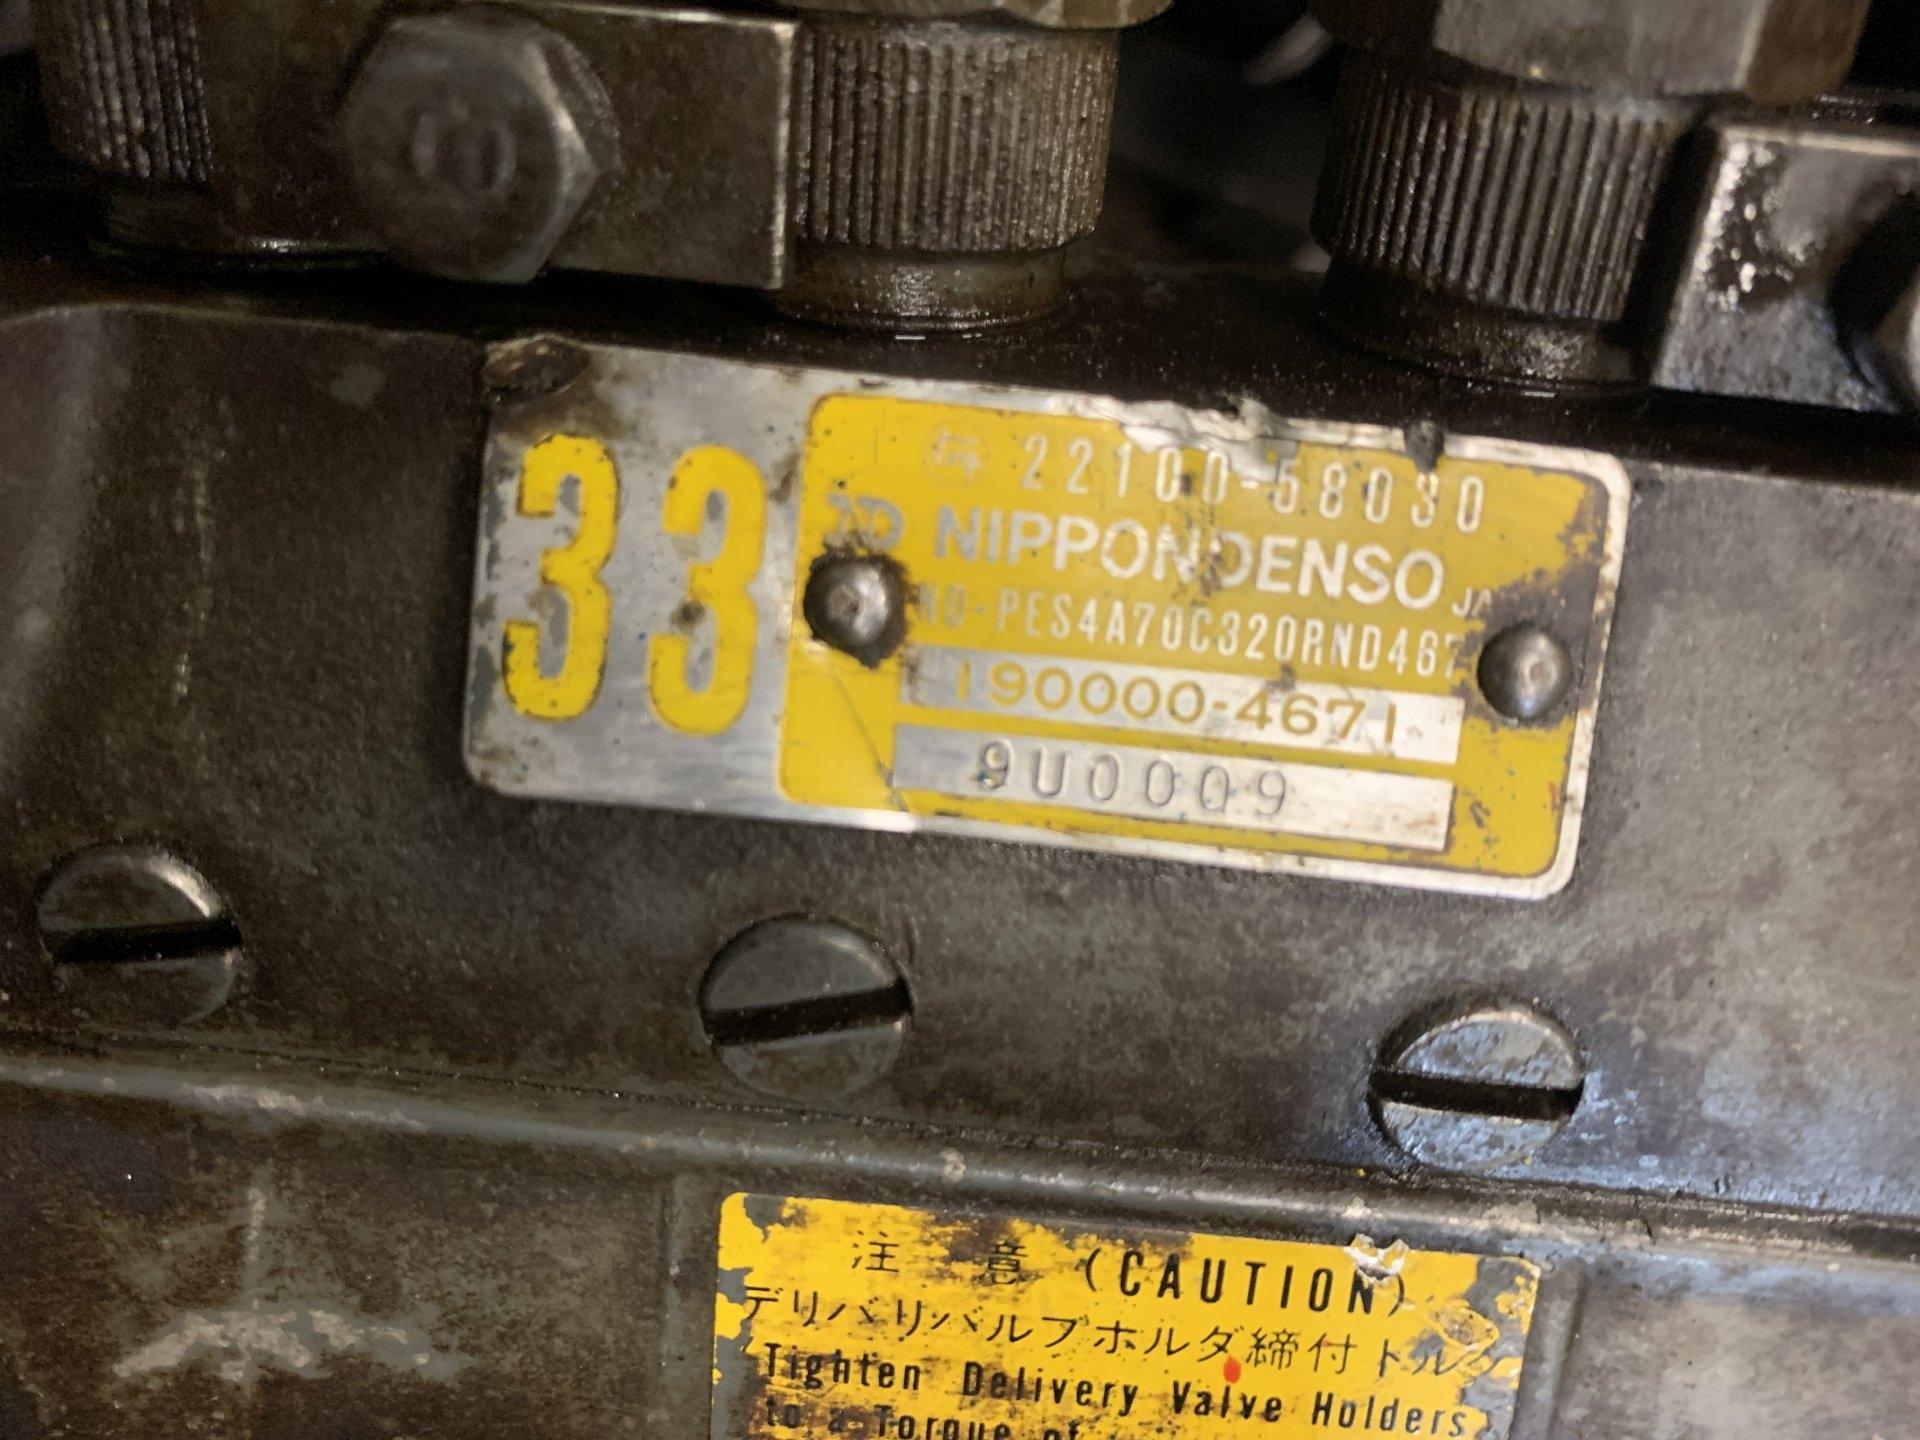 5616B3E4-8513-45DE-BA02-2CBC75EACF99.jpeg